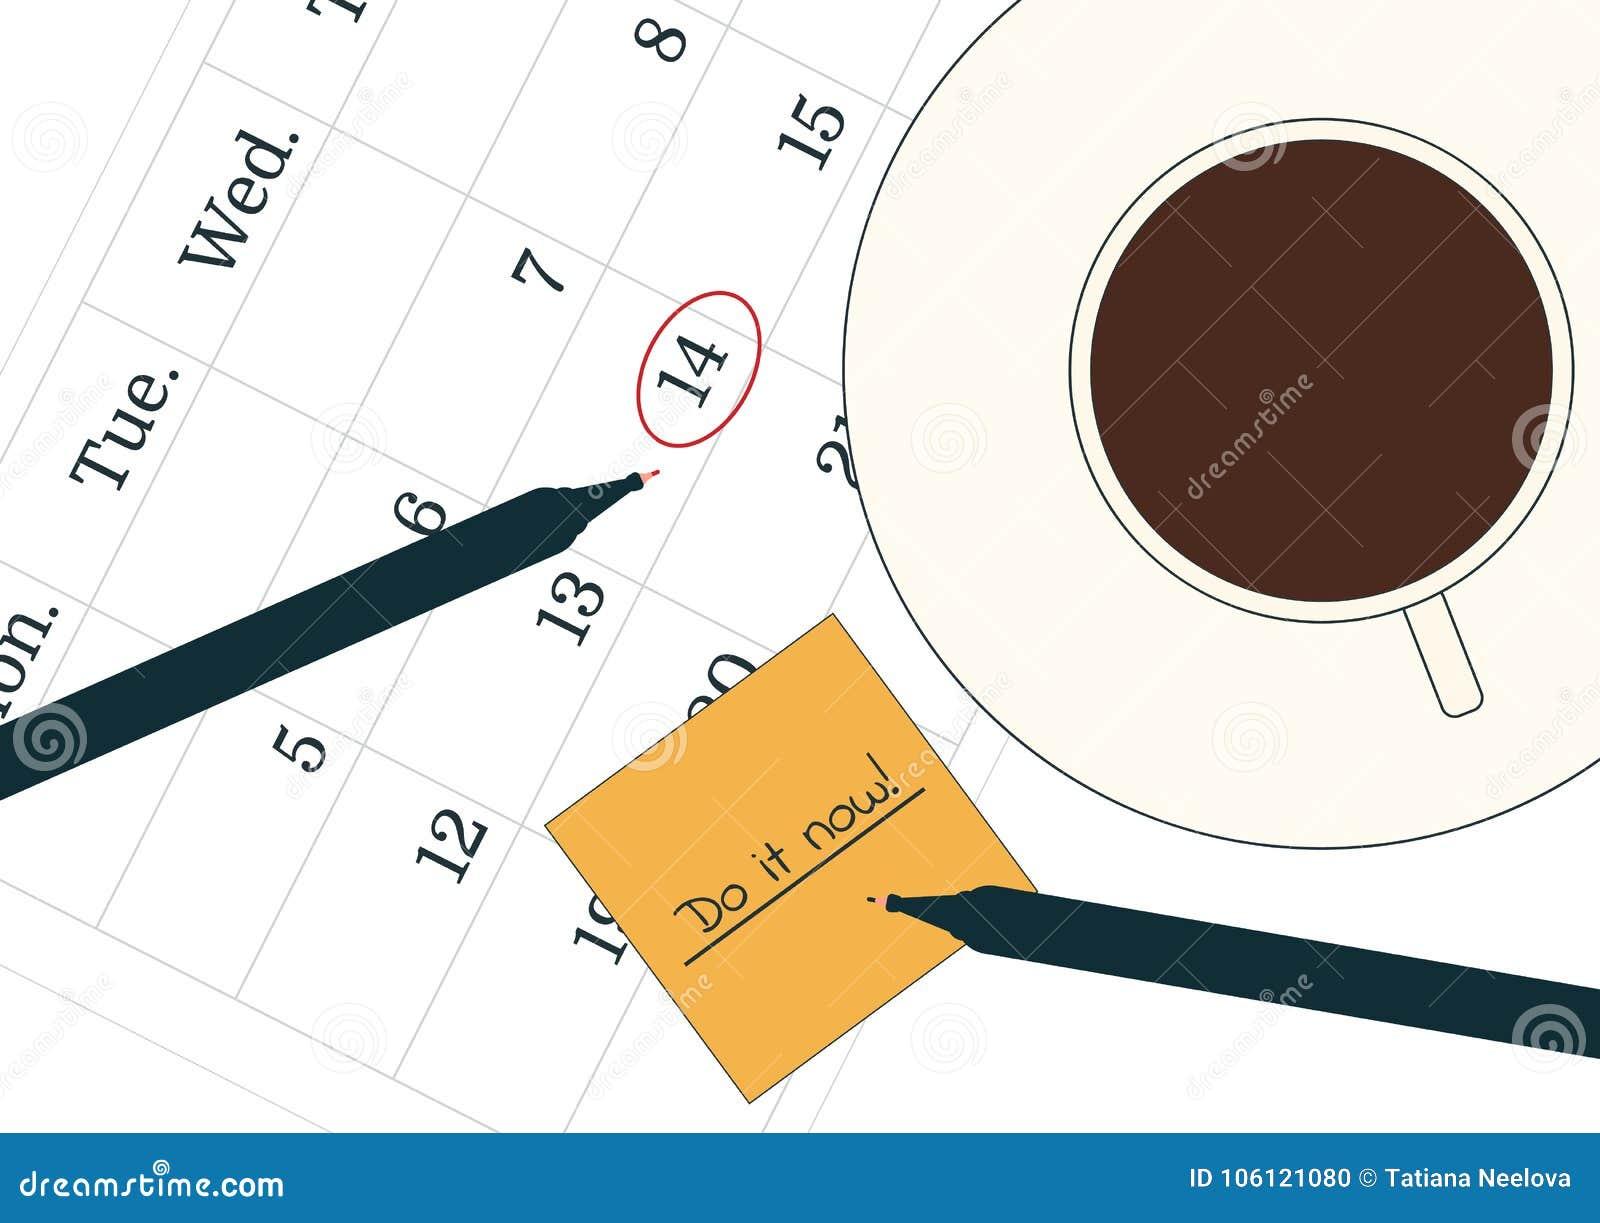 Courrier Et Calendrier.Concept De Temporisation Une Tasse De Cafe Noir Sur Le